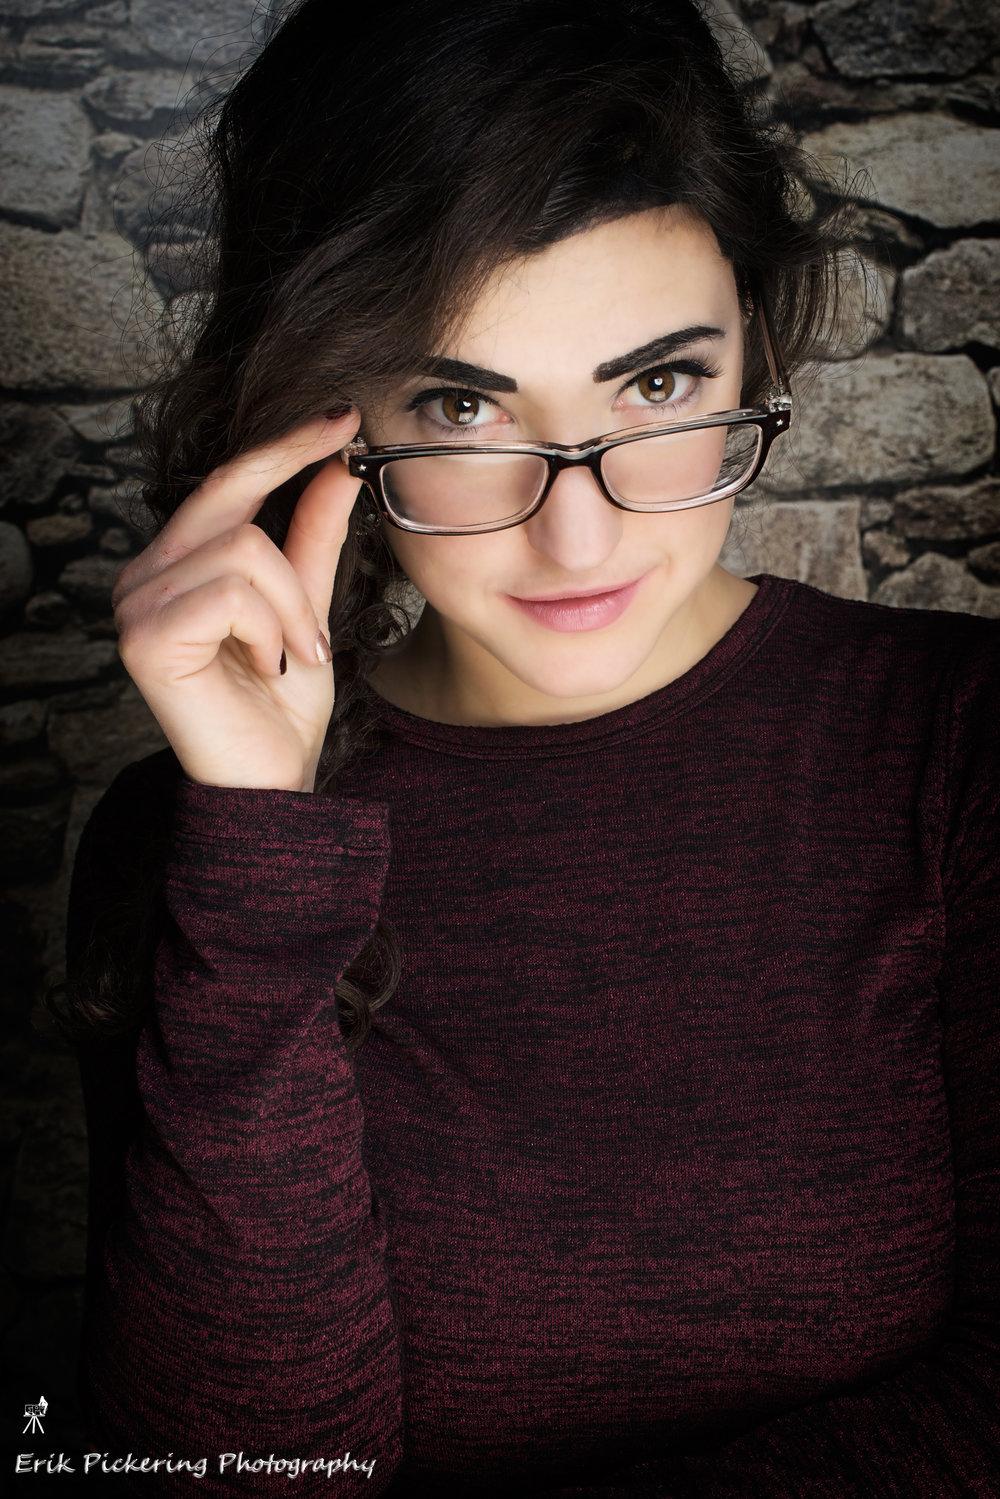 GlassesTilt_6420.jpg